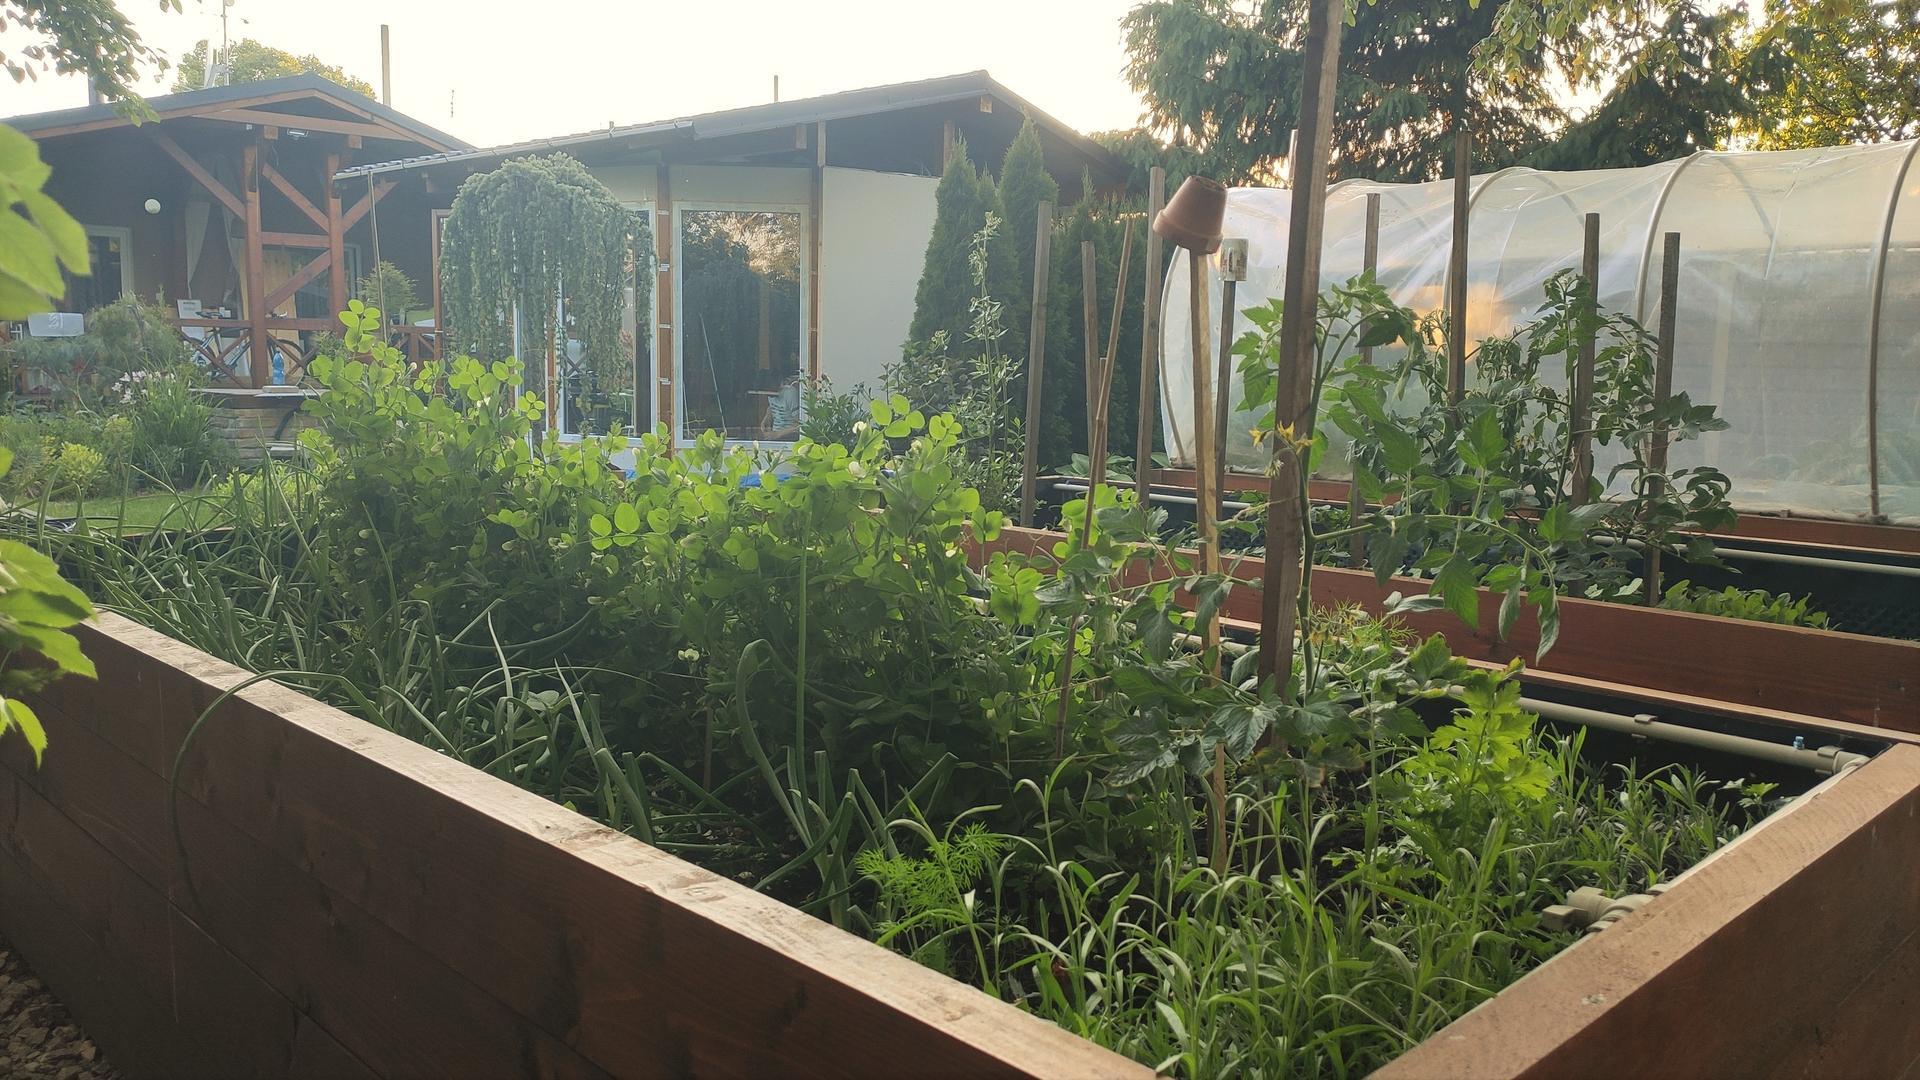 Vyvýšené záhony a úžitková záhrada - sezóna 2021 ... príprava, sadenie, starostlivosť - Obrázok č. 50